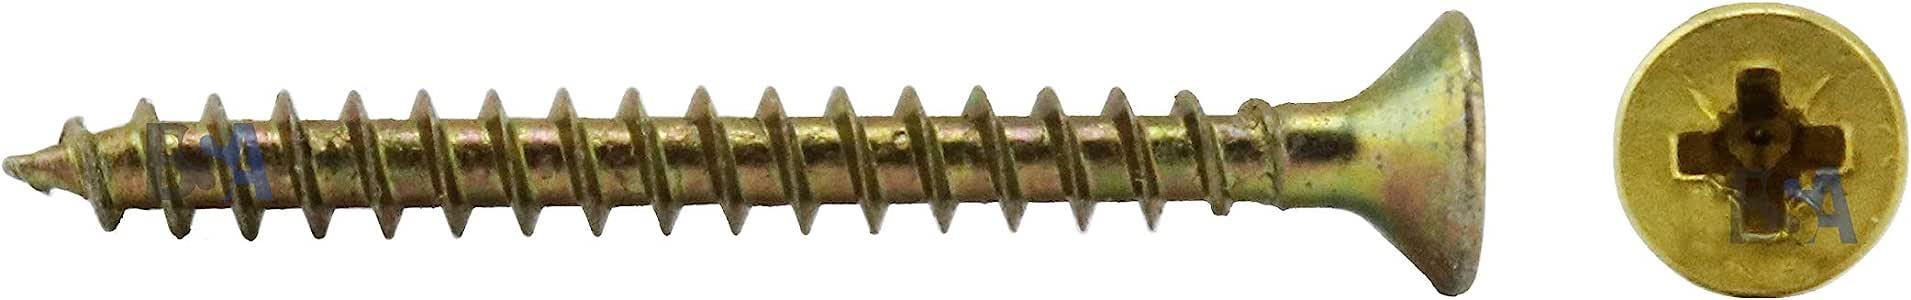 500 tornillos 3 x 35 mm rosca IROX acero galvanizado amarillo cabeza cruz Pozidriv PZD plana avellanada tornillo para madera y aglomerado 3 x 35 aglomerados